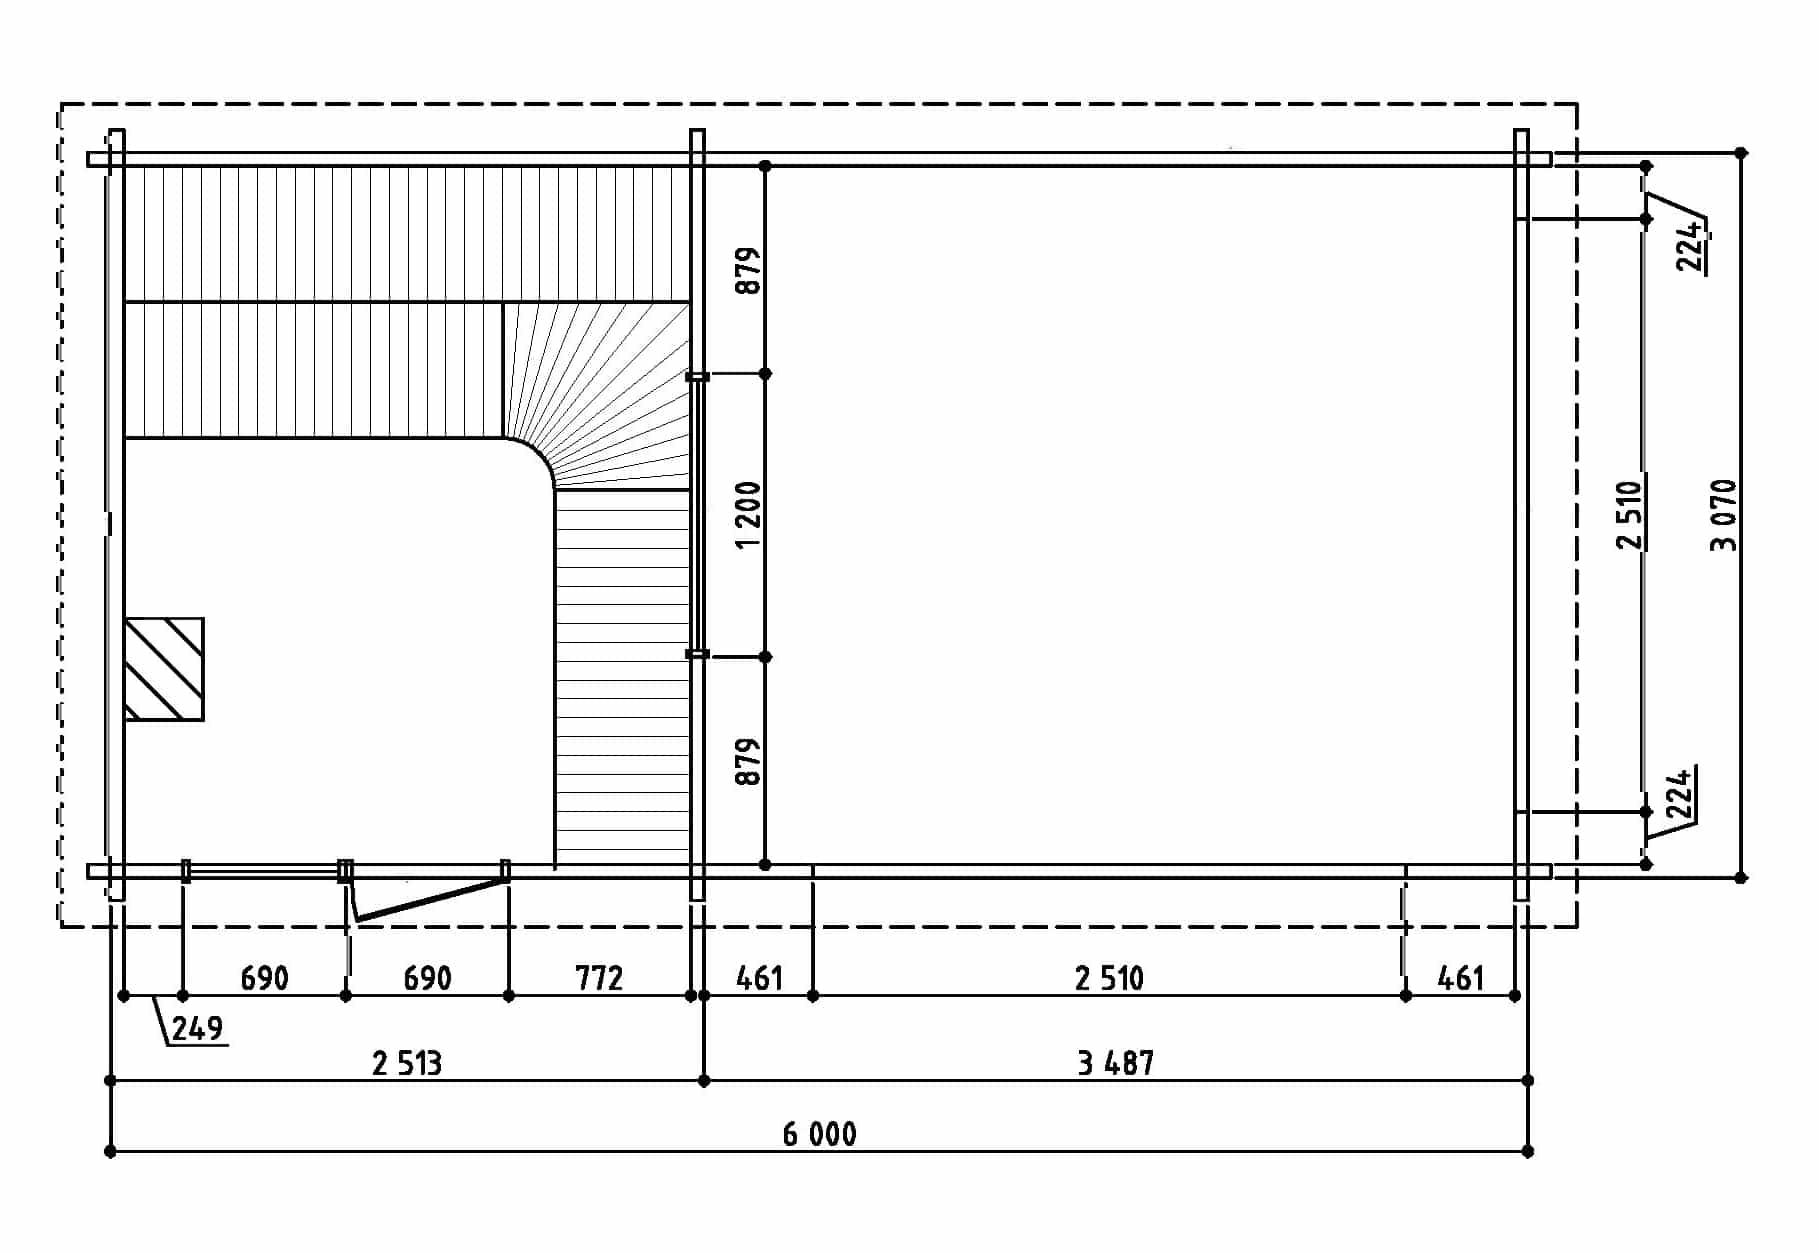 Keops Thor sauna floor plan